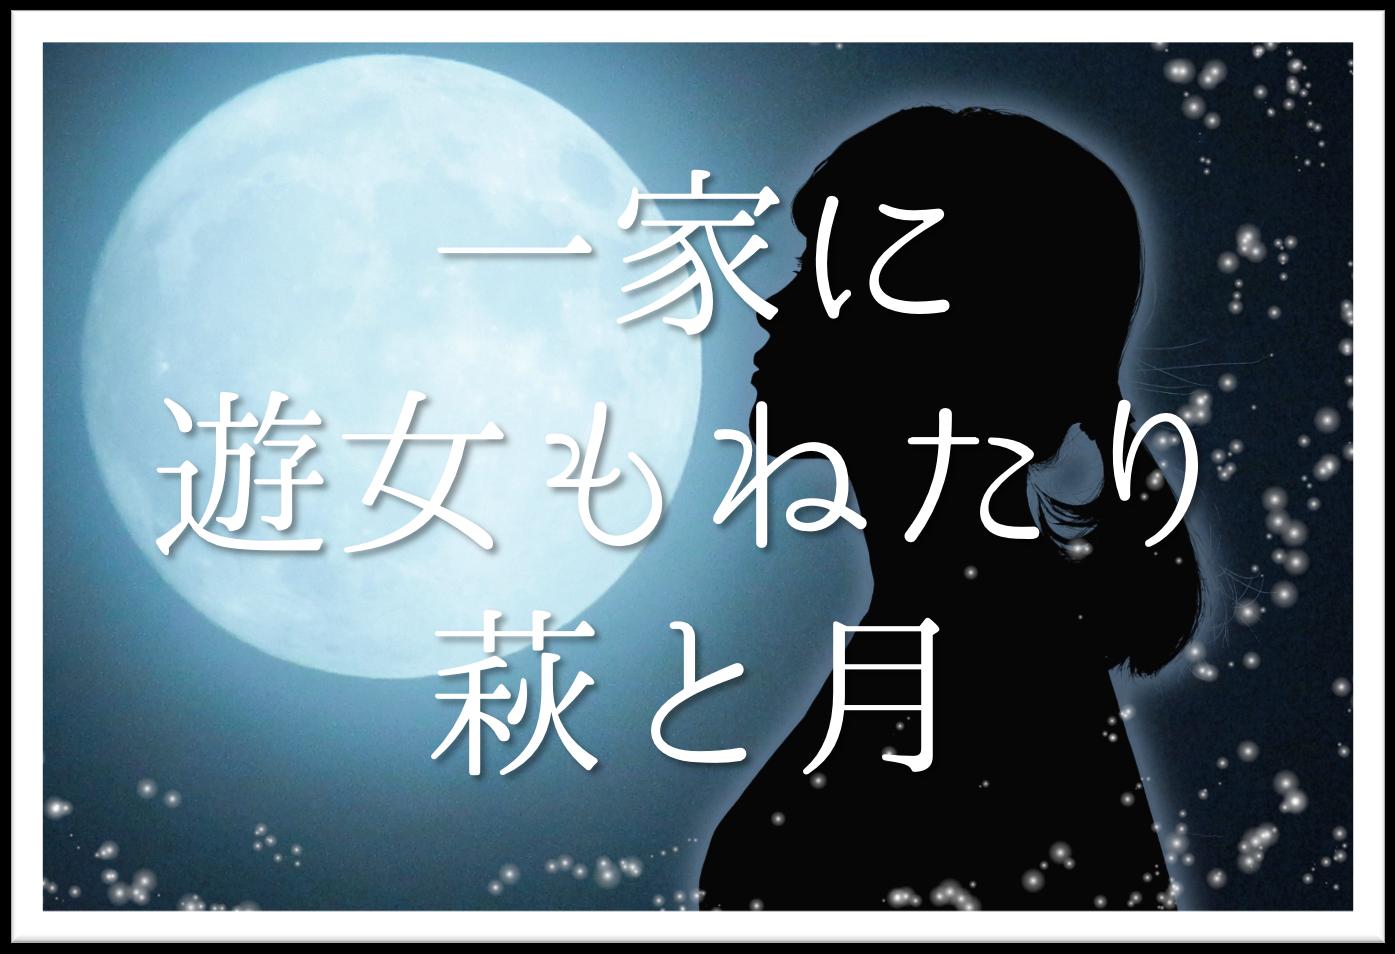 【一家に遊女もねたり萩と月】俳句の季語や意味・表現技法・鑑賞・作者など徹底解説!!